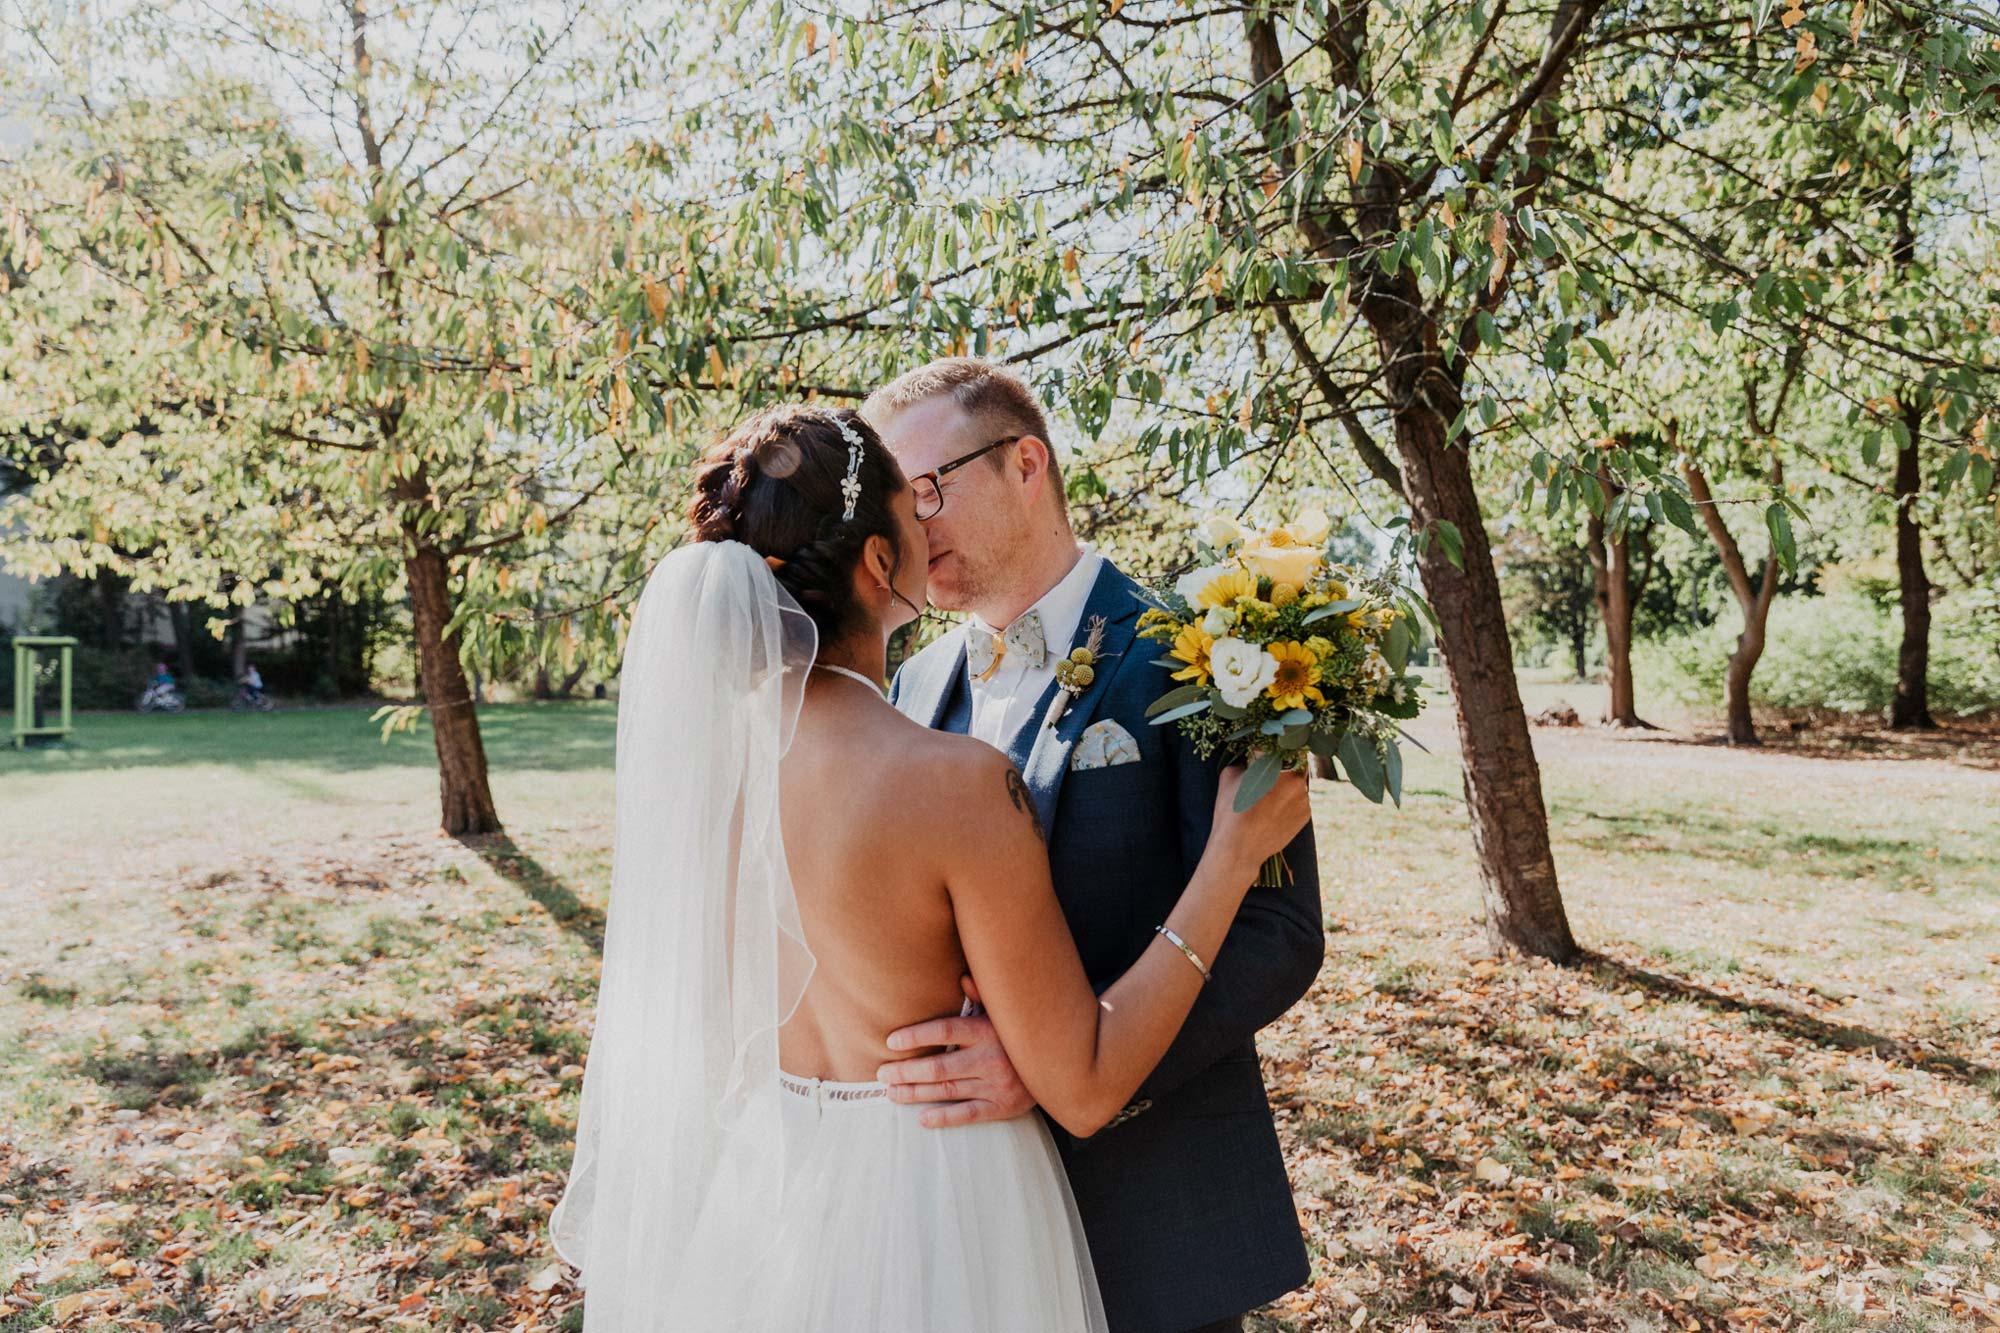 Hochzeitsfoto mit Brautpaar im Sommer